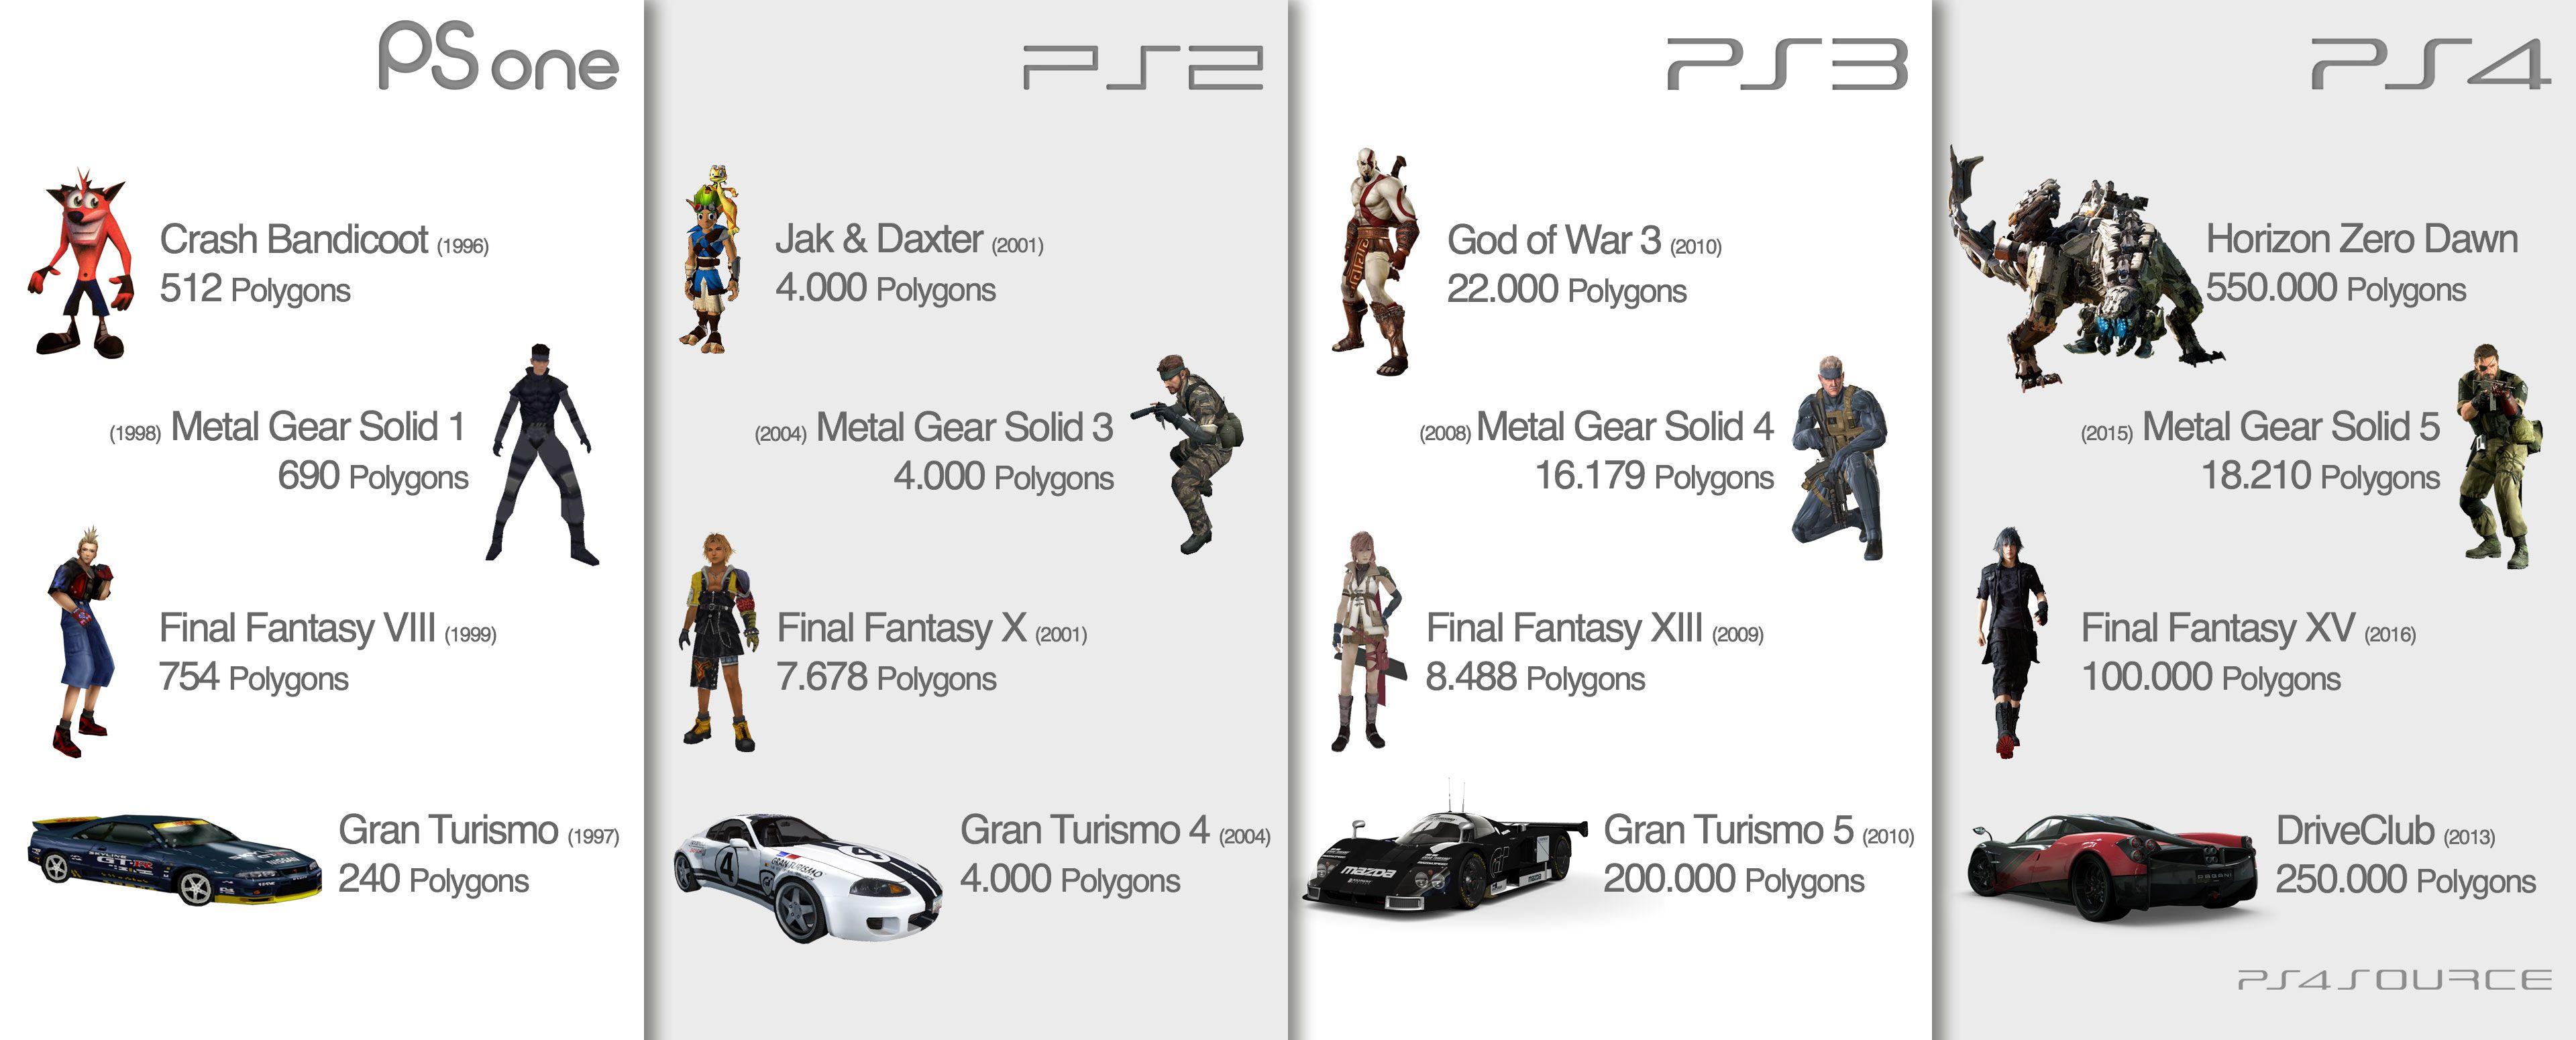 PlayStation Polygon Evolution aller Generationen